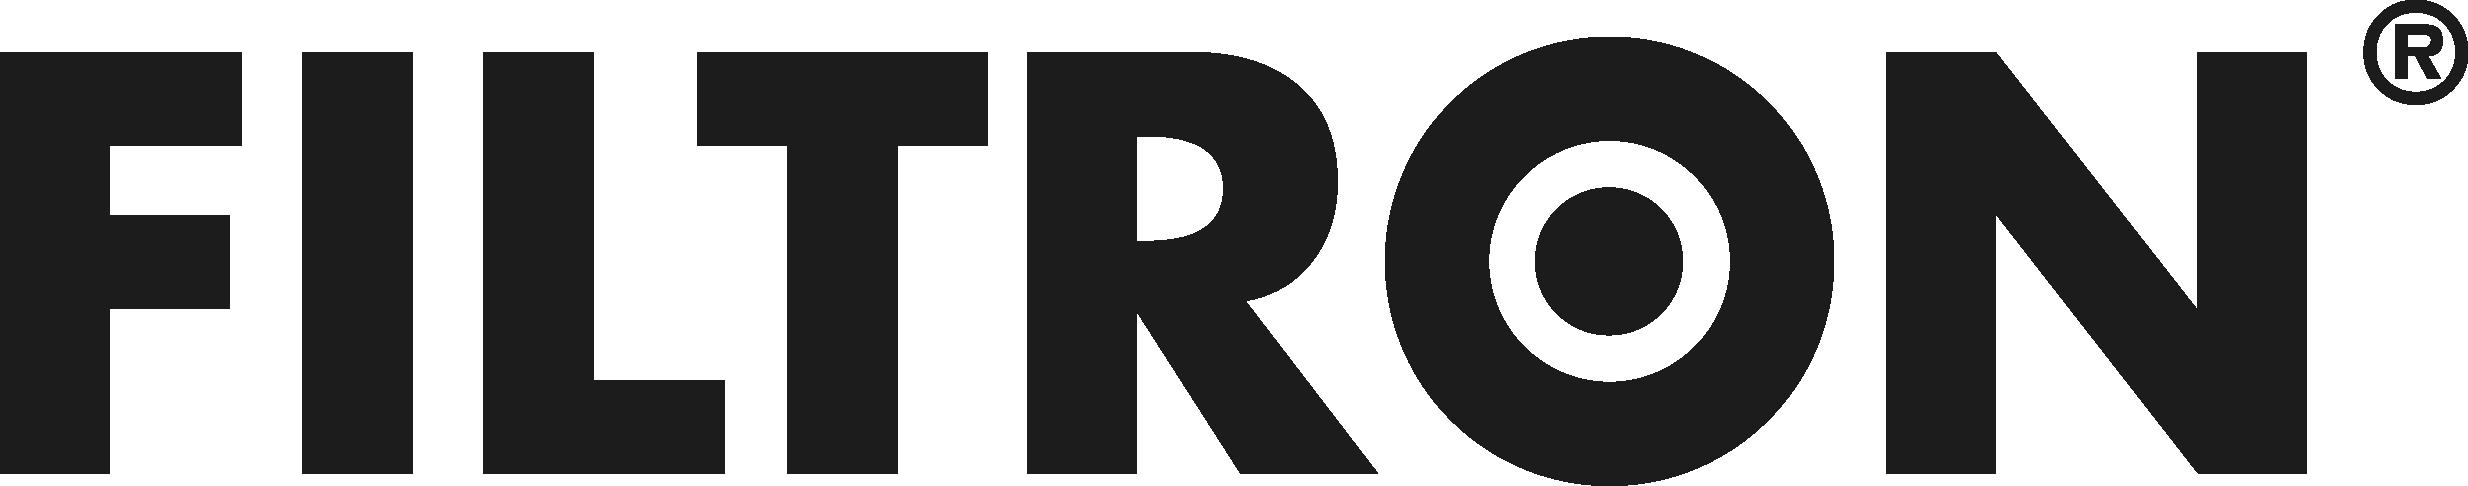 FILTRON_logo_B_PNG